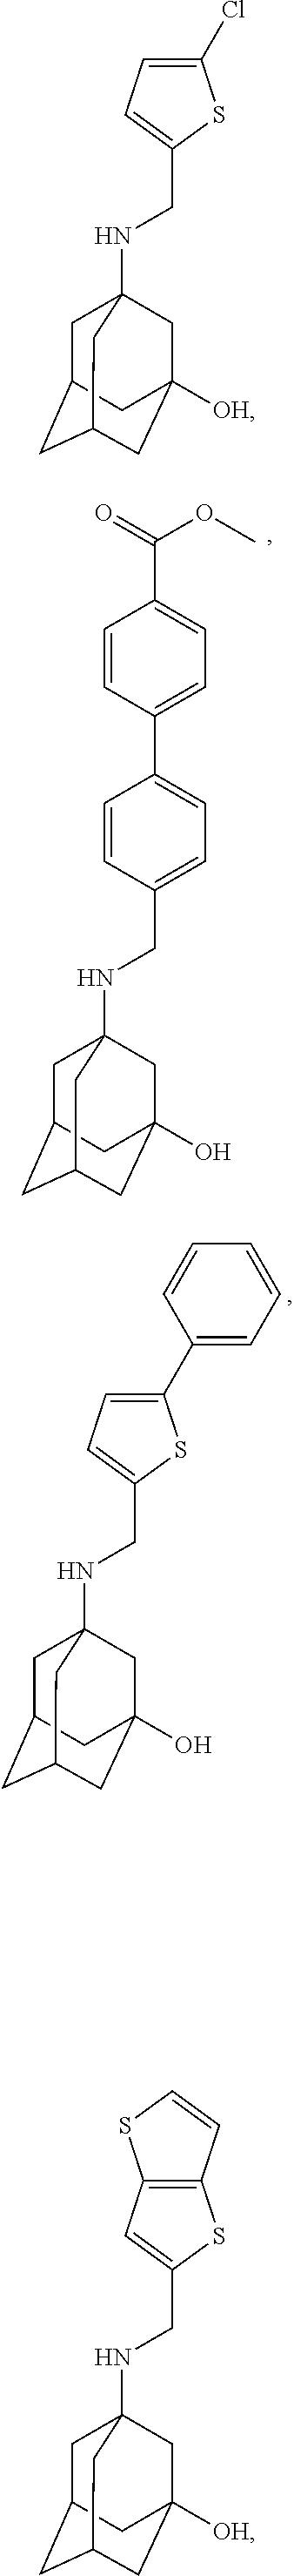 Figure US09884832-20180206-C00070